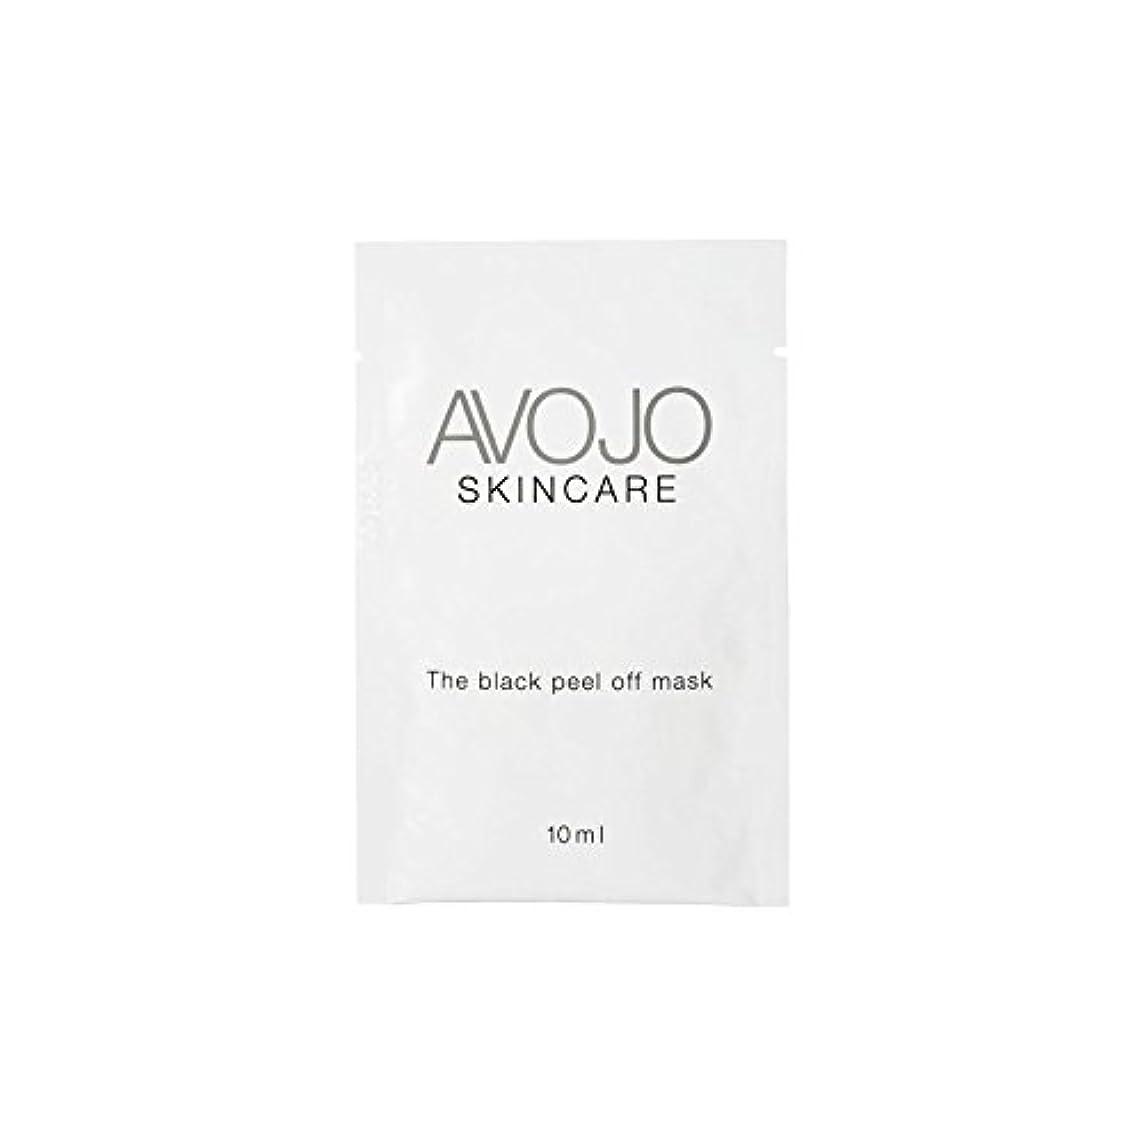 下品期待欠乏- ブラックピールオフマスク - 小袋(10ミリリットル×4) x2 - Avojo - The Black Peel Off Mask - Sachet (10ml X 4) (Pack of 2) [並行輸入品]